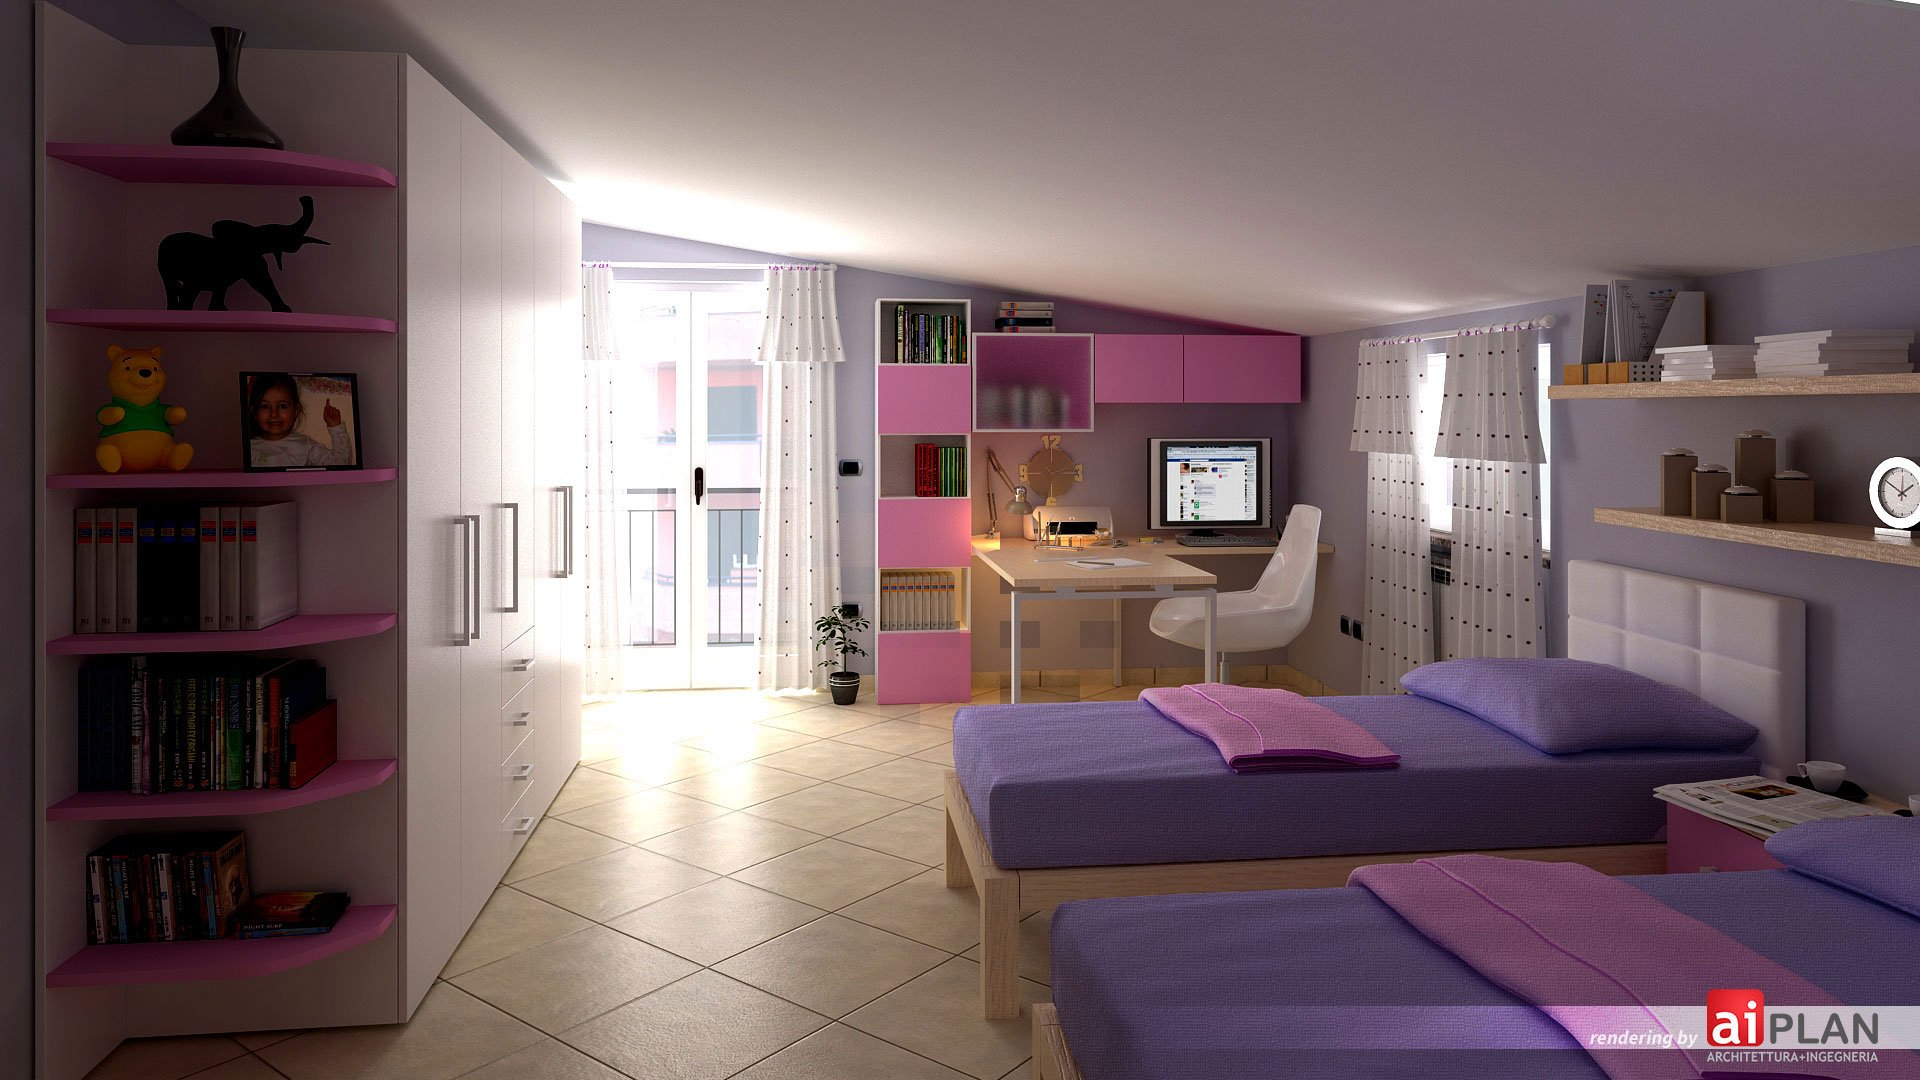 Progetto di arredo di una cameretta per bambini for 6 piani di casa colonica di 6 camere da letto